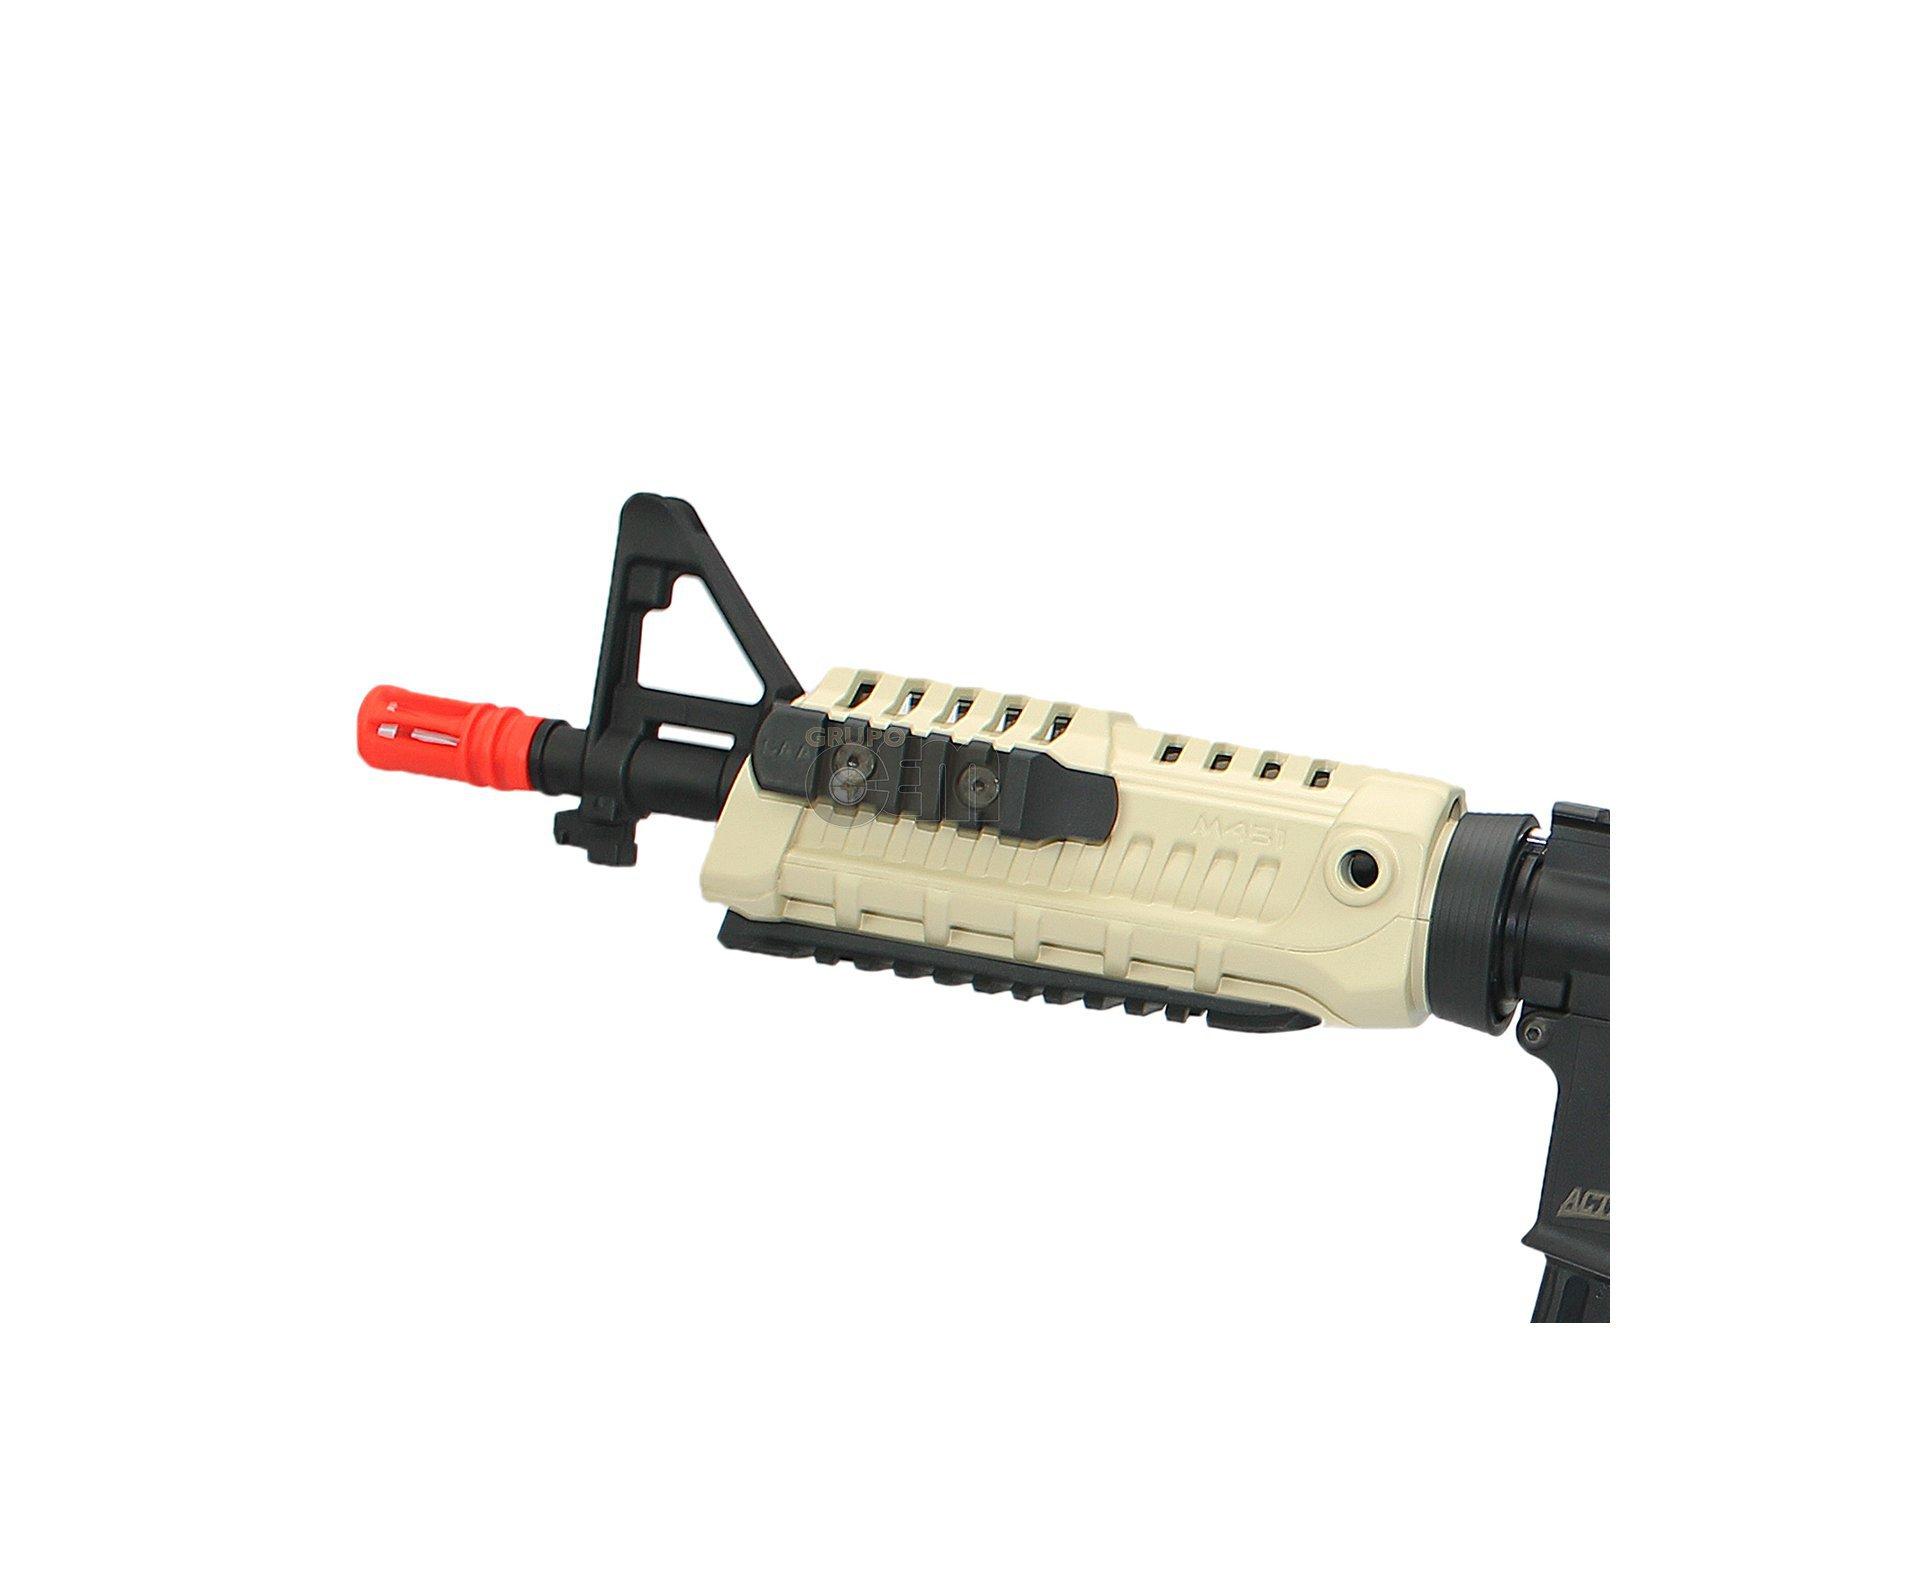 Rifle De Airsoft M4 Caa Cqb Dual Color Custom Cal 6mm Bivolt - King Arms